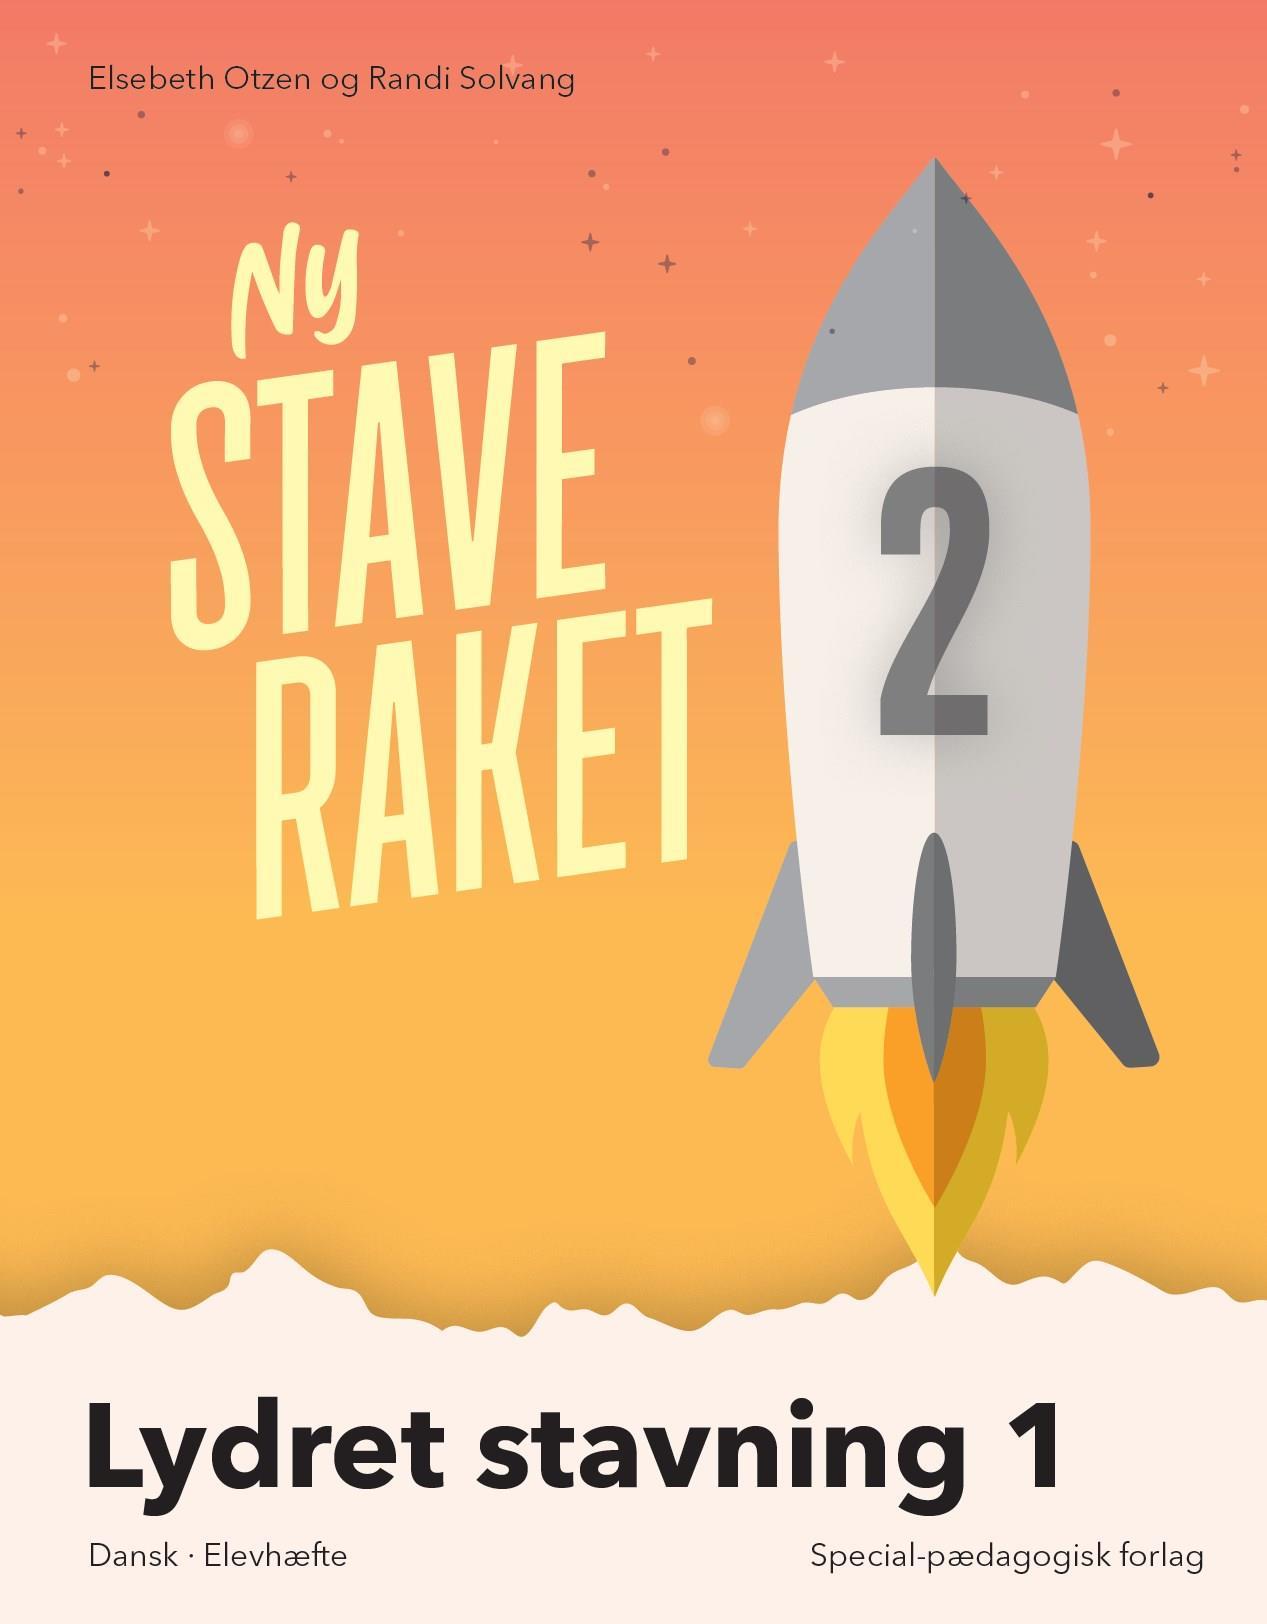 Ny Staveraket: Ny Staveraket, Lydret stavning 1 - Elsebeth Otzen; Randi Solvang - Bøger - Alinea - 9788723540416 - 19/8-2019